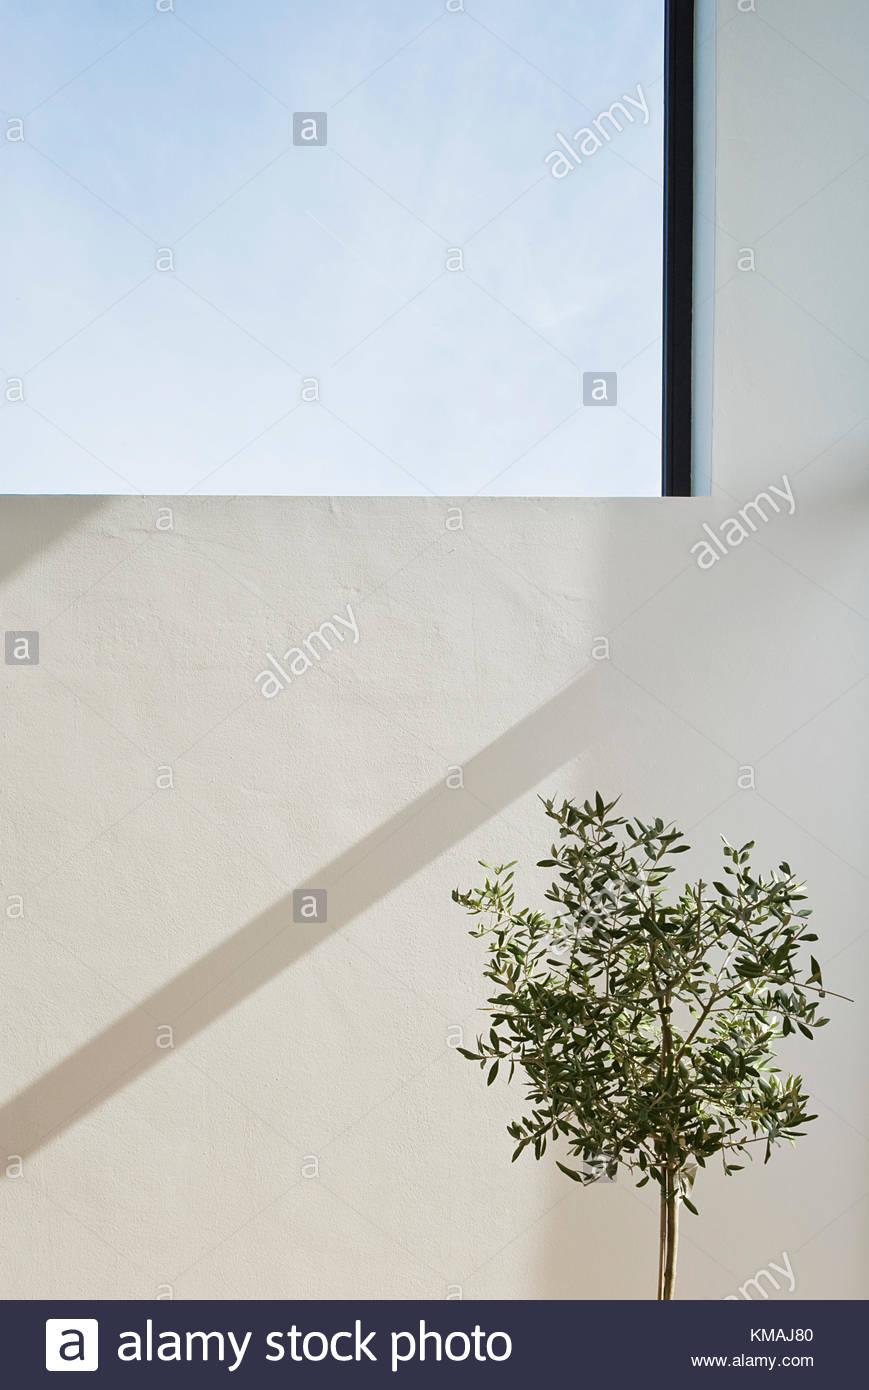 Full Size of Fenster Hannover Haus Felux Internorm Preise Jalousie Insektenschutz Für Einbruchschutz Nachrüsten Salamander 120x120 Holz Alu Schüco Verdunkeln Fenster Fenster Hannover